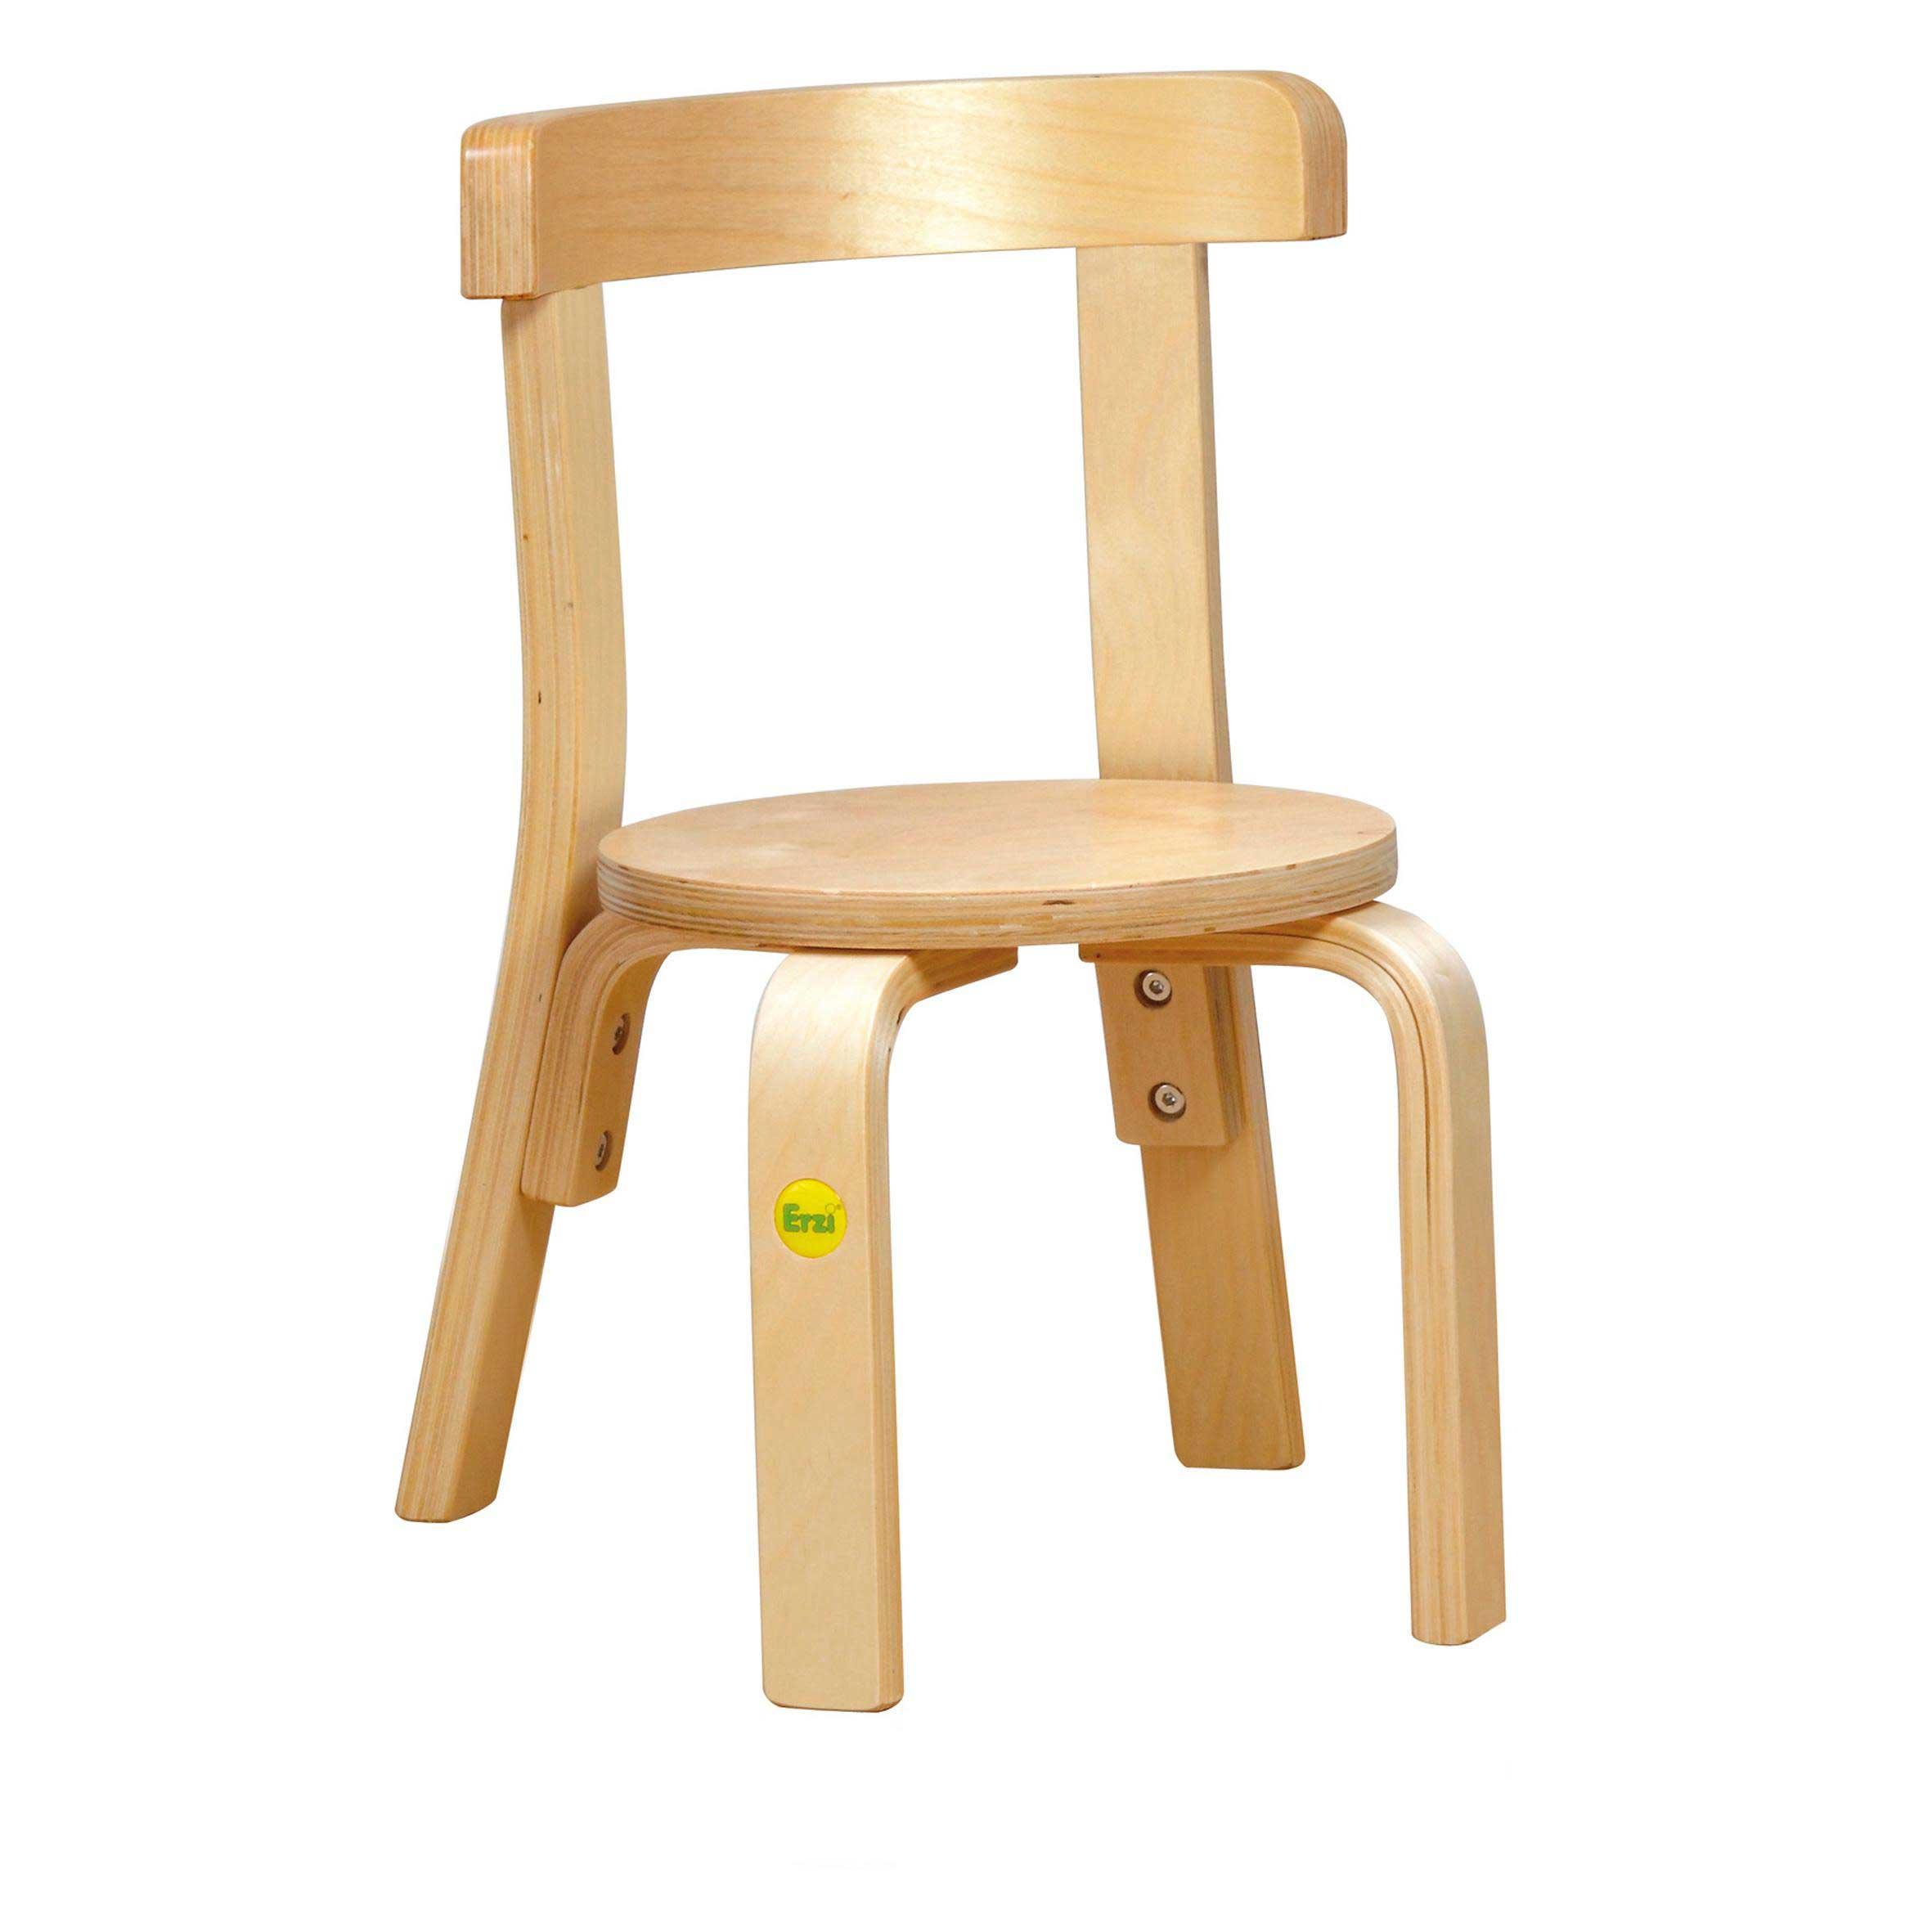 Stuhl aus Formholz Birke mit Rückenlehne für Kinder | kita-ausstatter.de